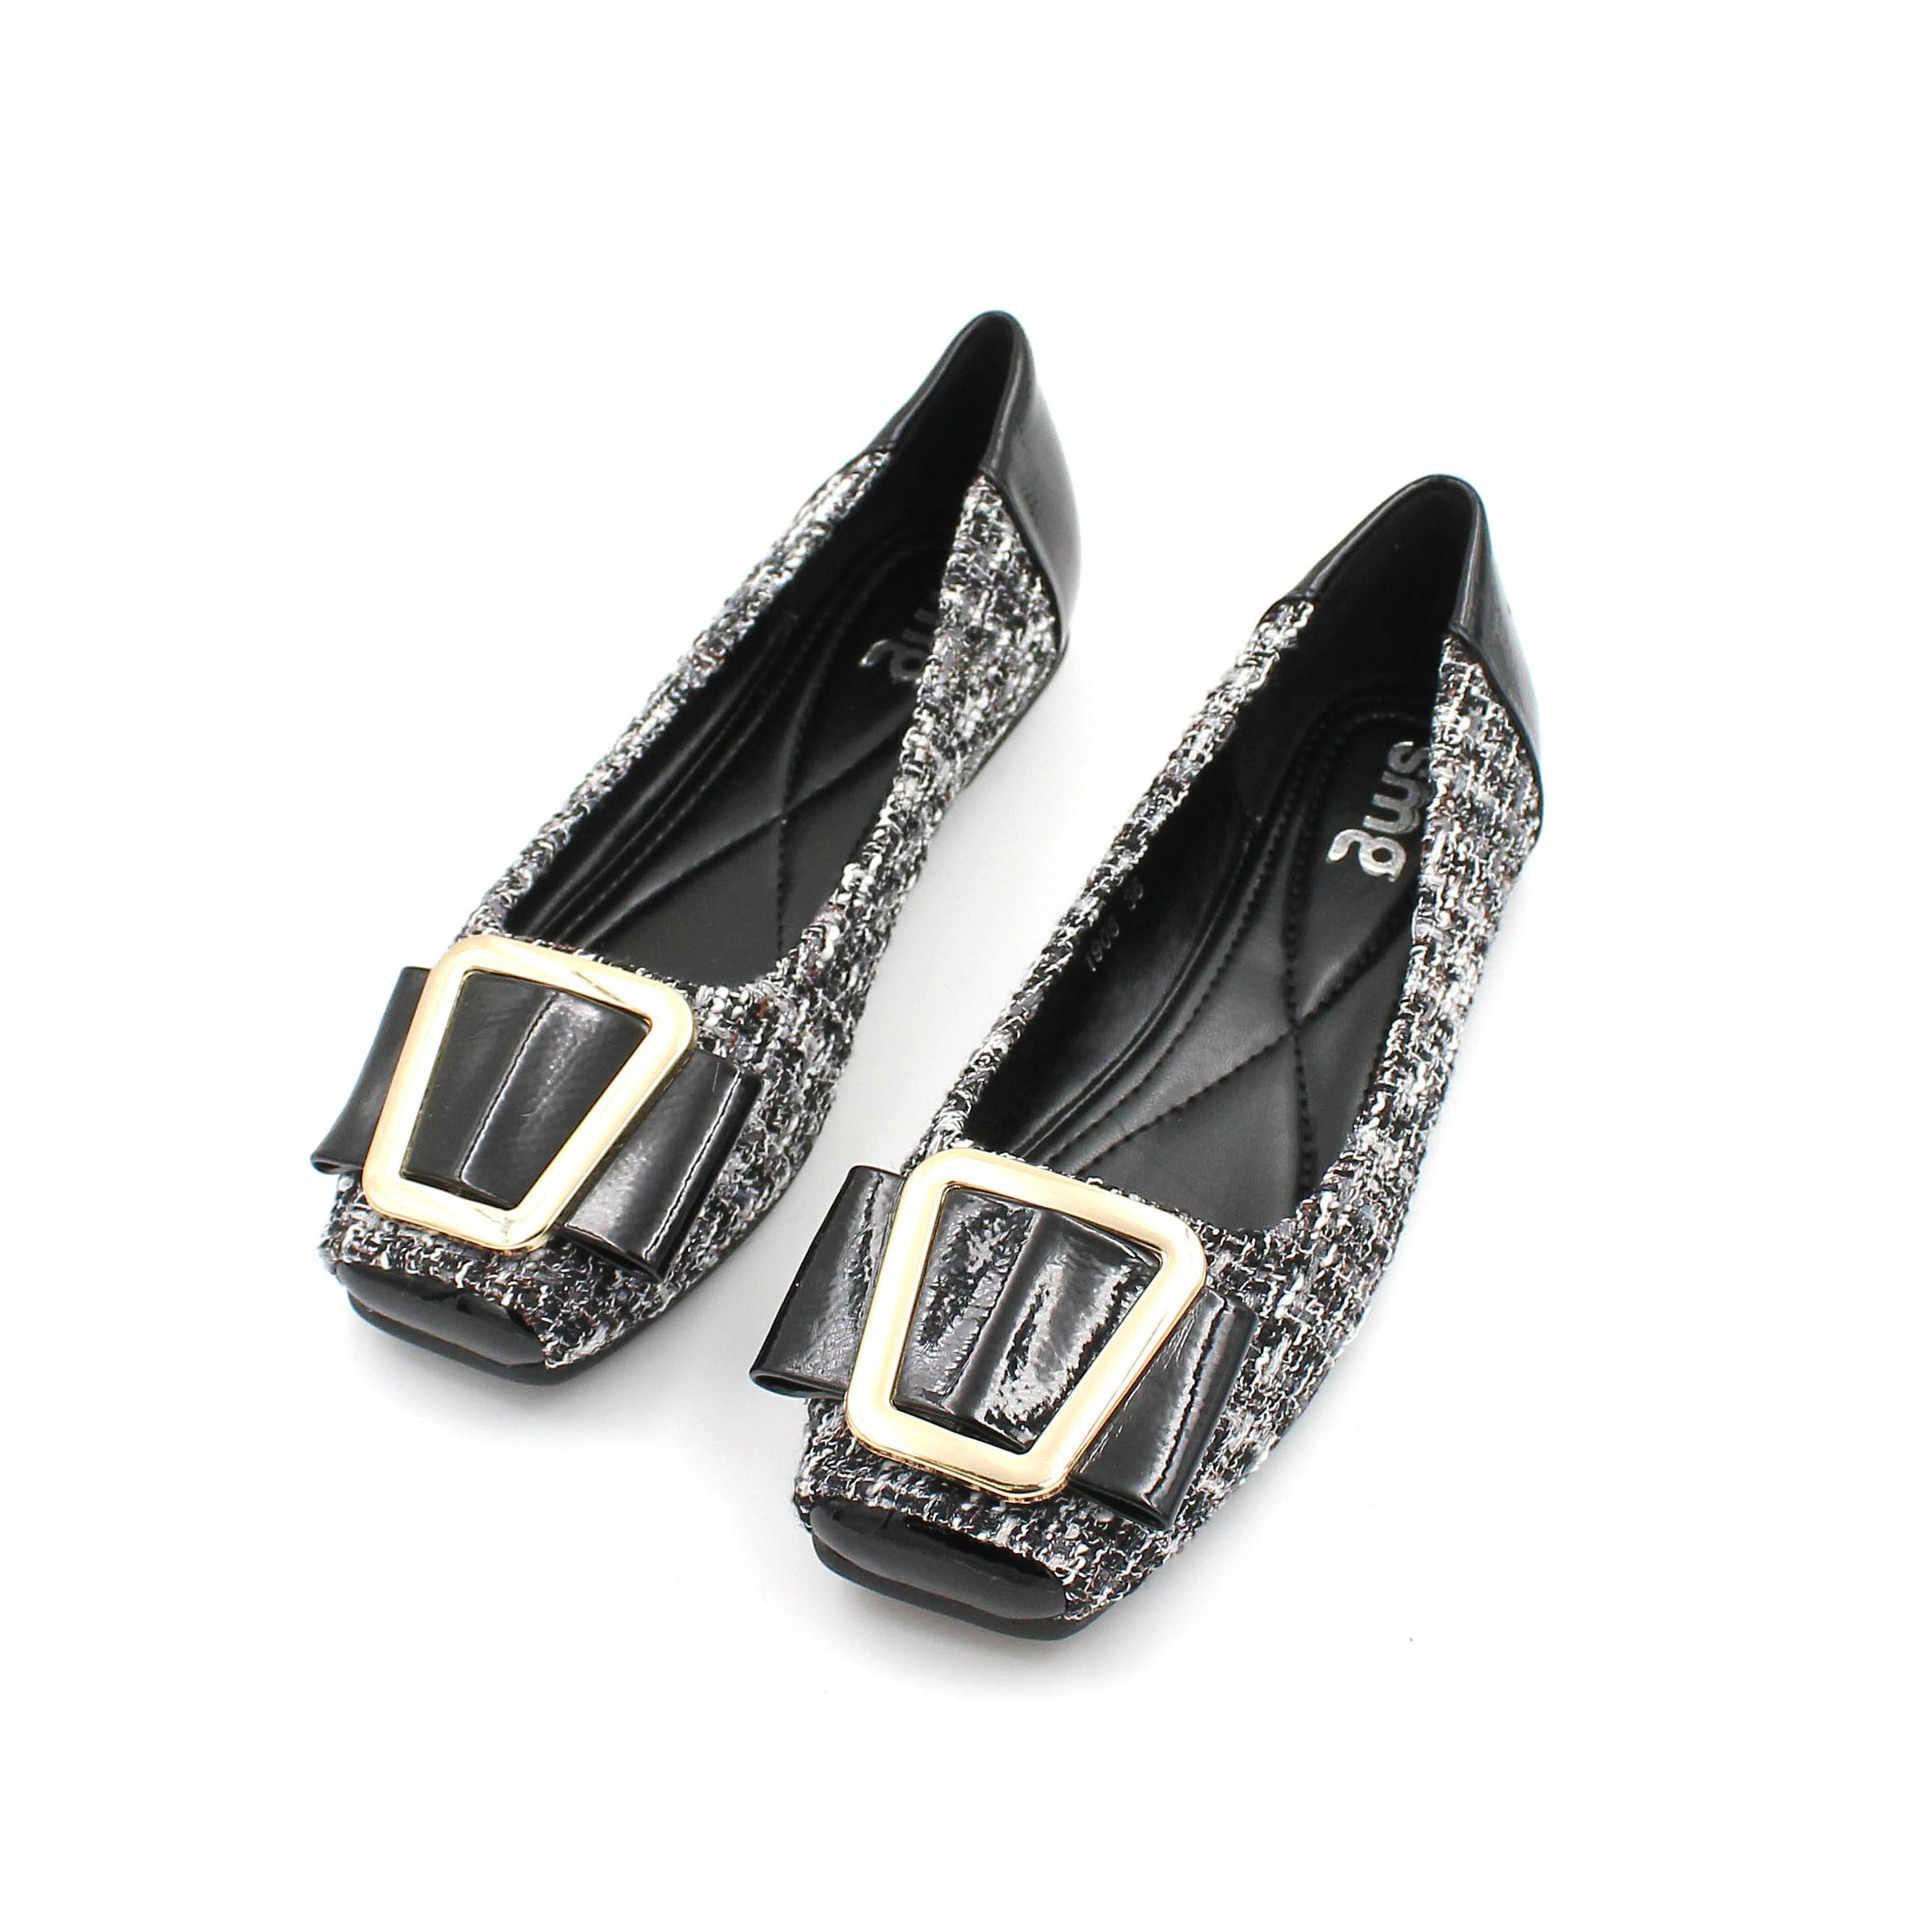 Frauen Schuhe Tuch Gemischt Farbe Gürtel Schnalle Flache Schuhe Flach Mund Quadratischen Kopf Weichen Boden Schuhe Plattform Schuhe Müßiggänger Frauen